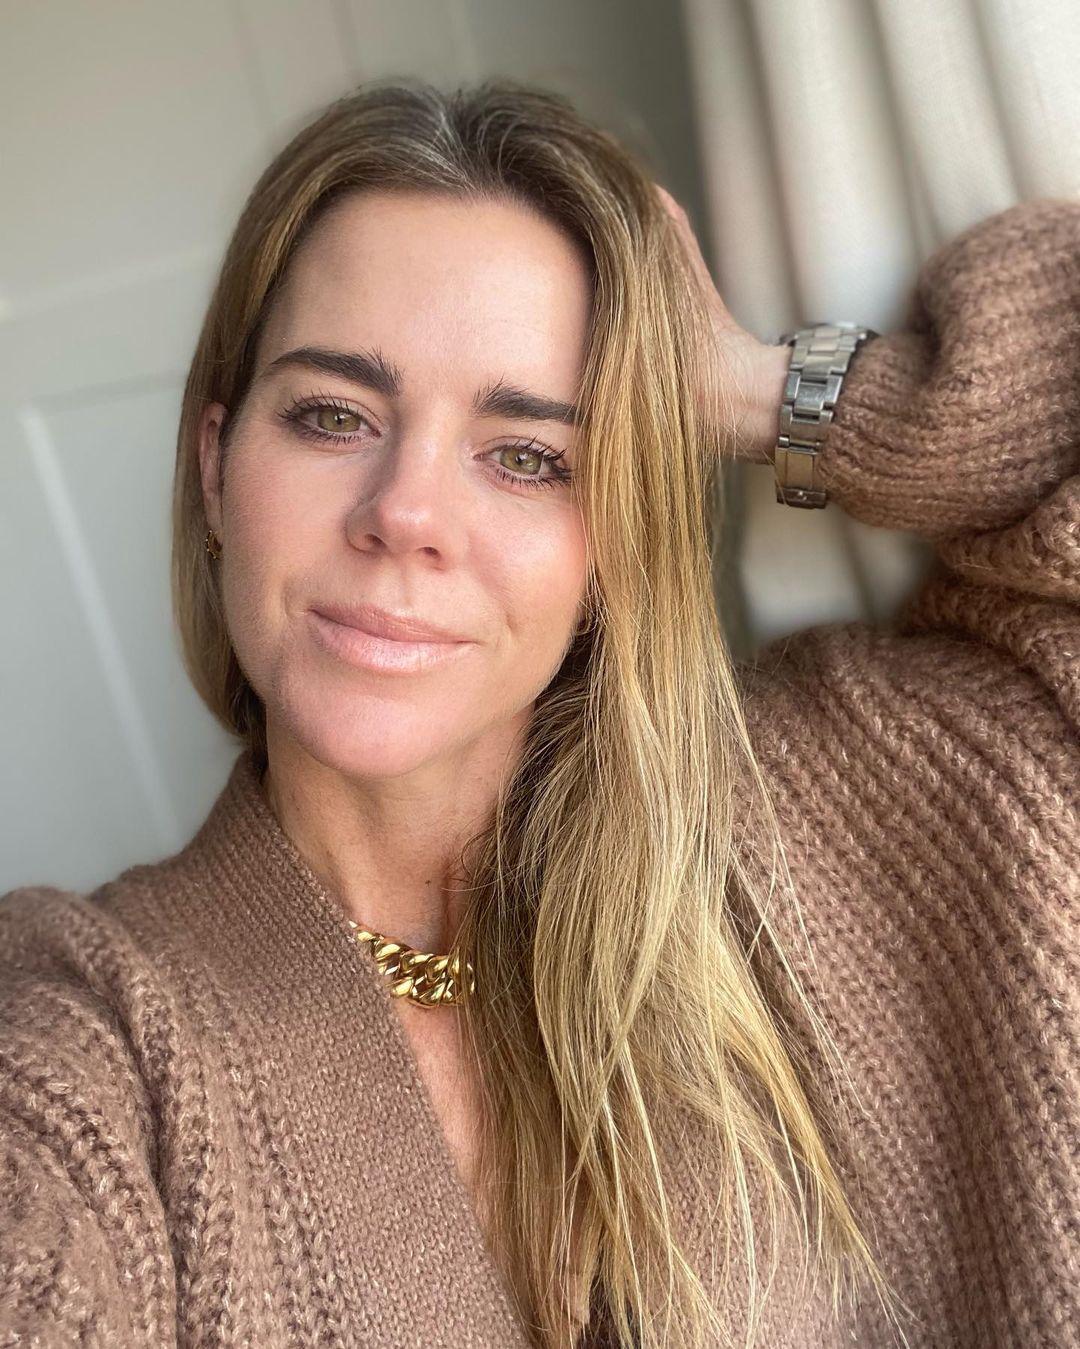 @ameliabono - Tendencias a todo color del pelo para 2021. Los tonos que transformarán el año